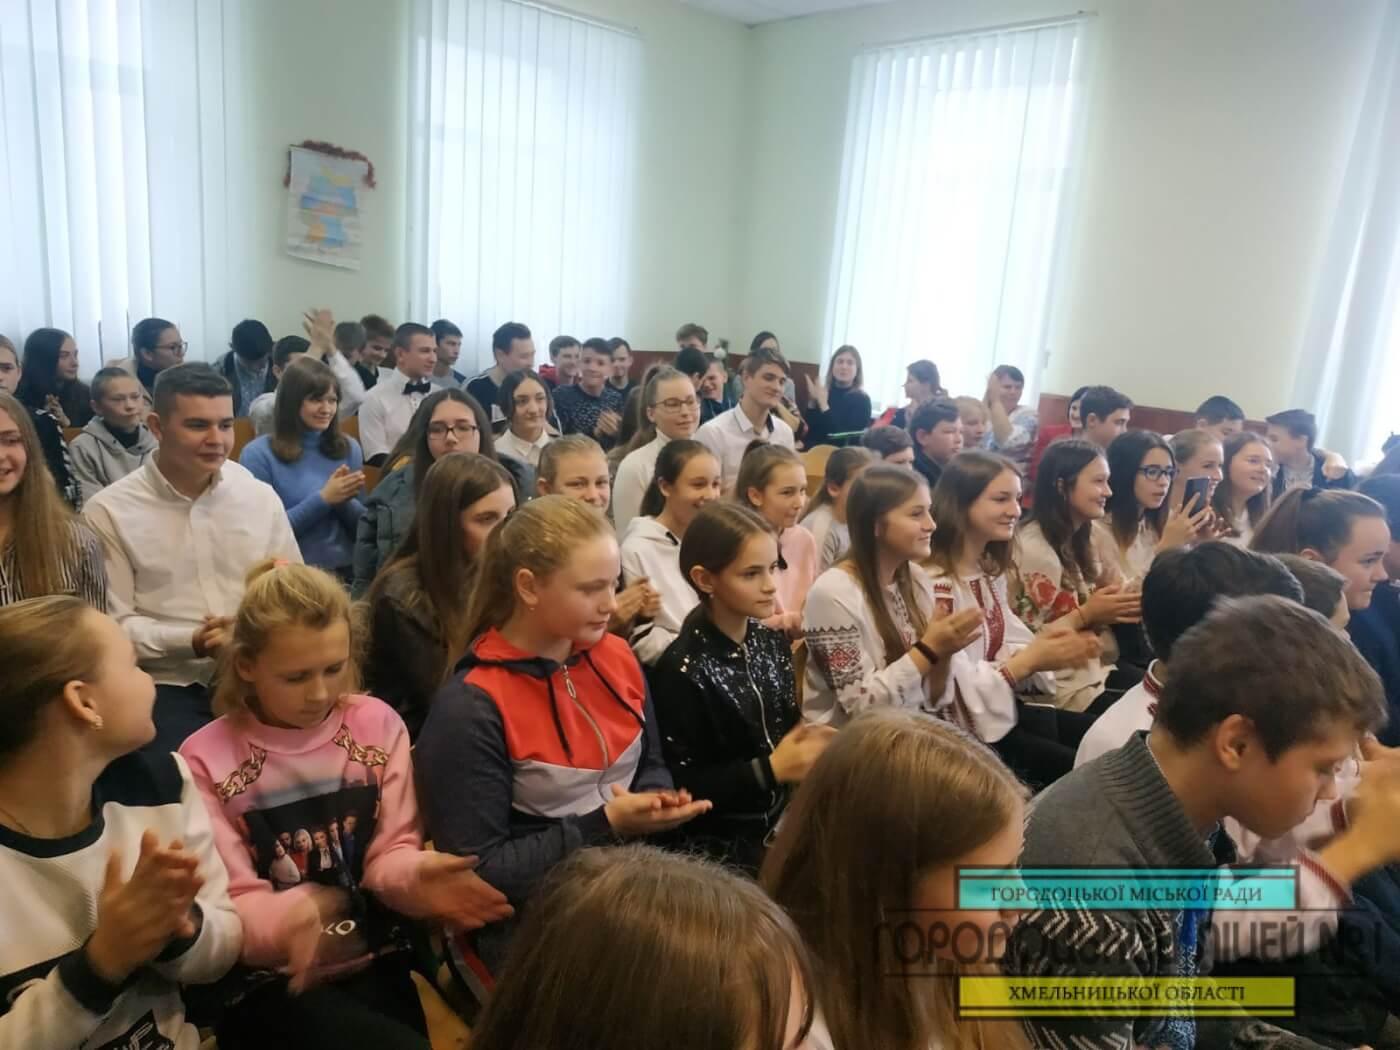 zobrazhennya viber 2019 12 12 09 38 25 - Пісенно-патріотичний урок «Гордімося, друзі, що ми – українці»